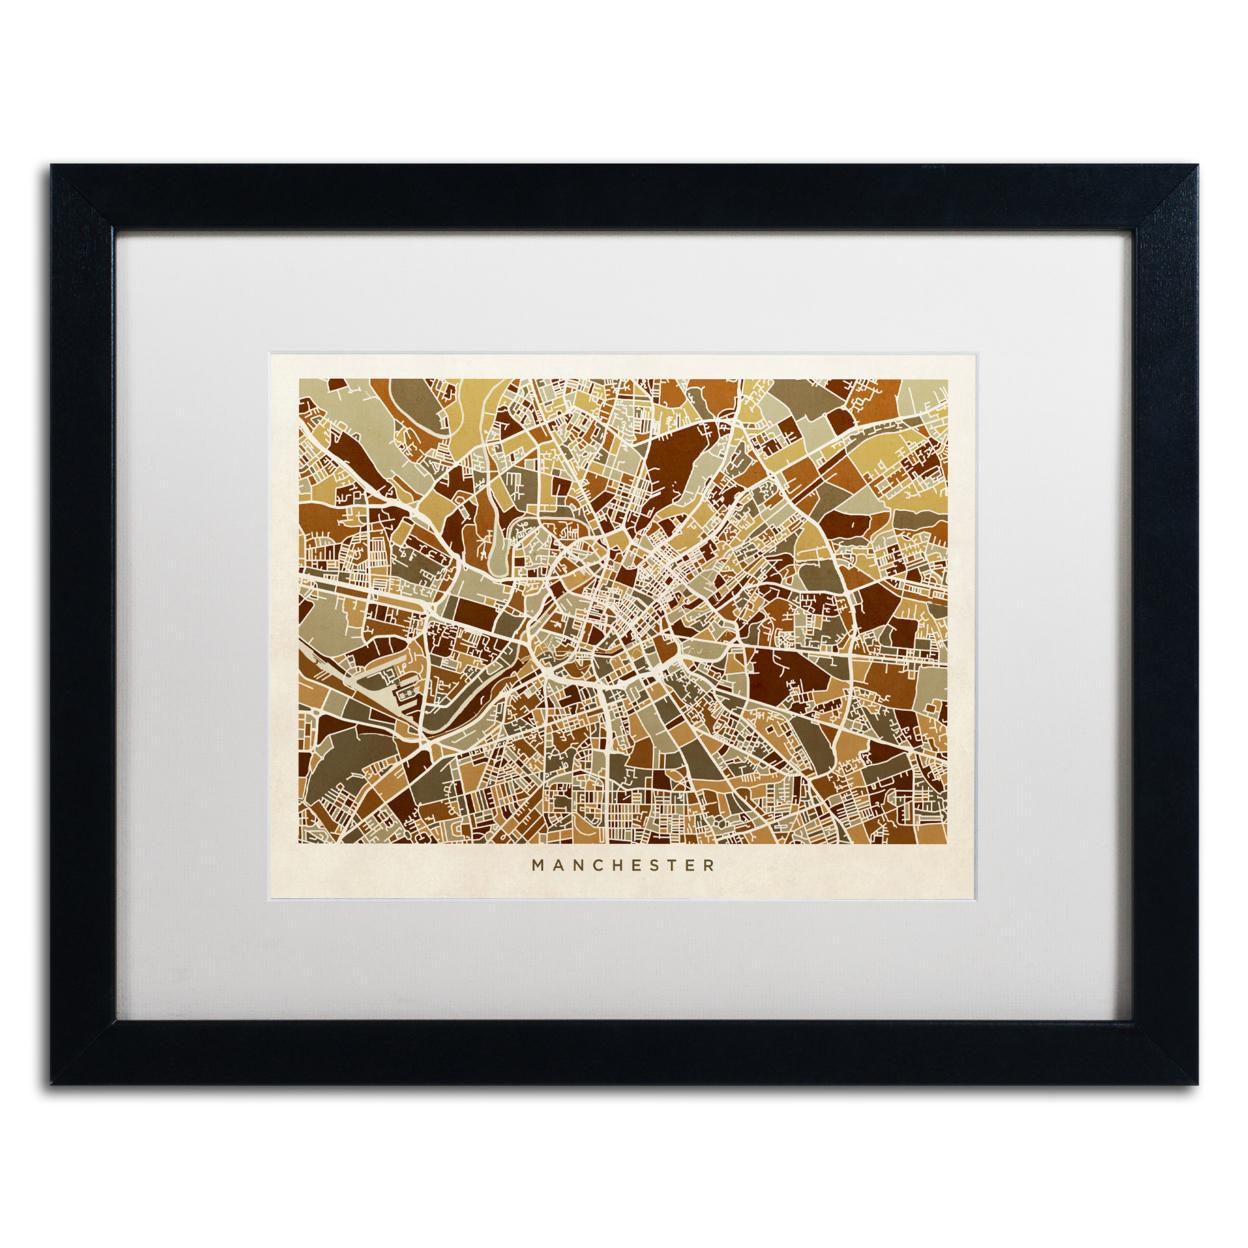 Michael Tompsett 'Manchester England Street Map II' Black Wooden Framed Art 18 x 22 Inches